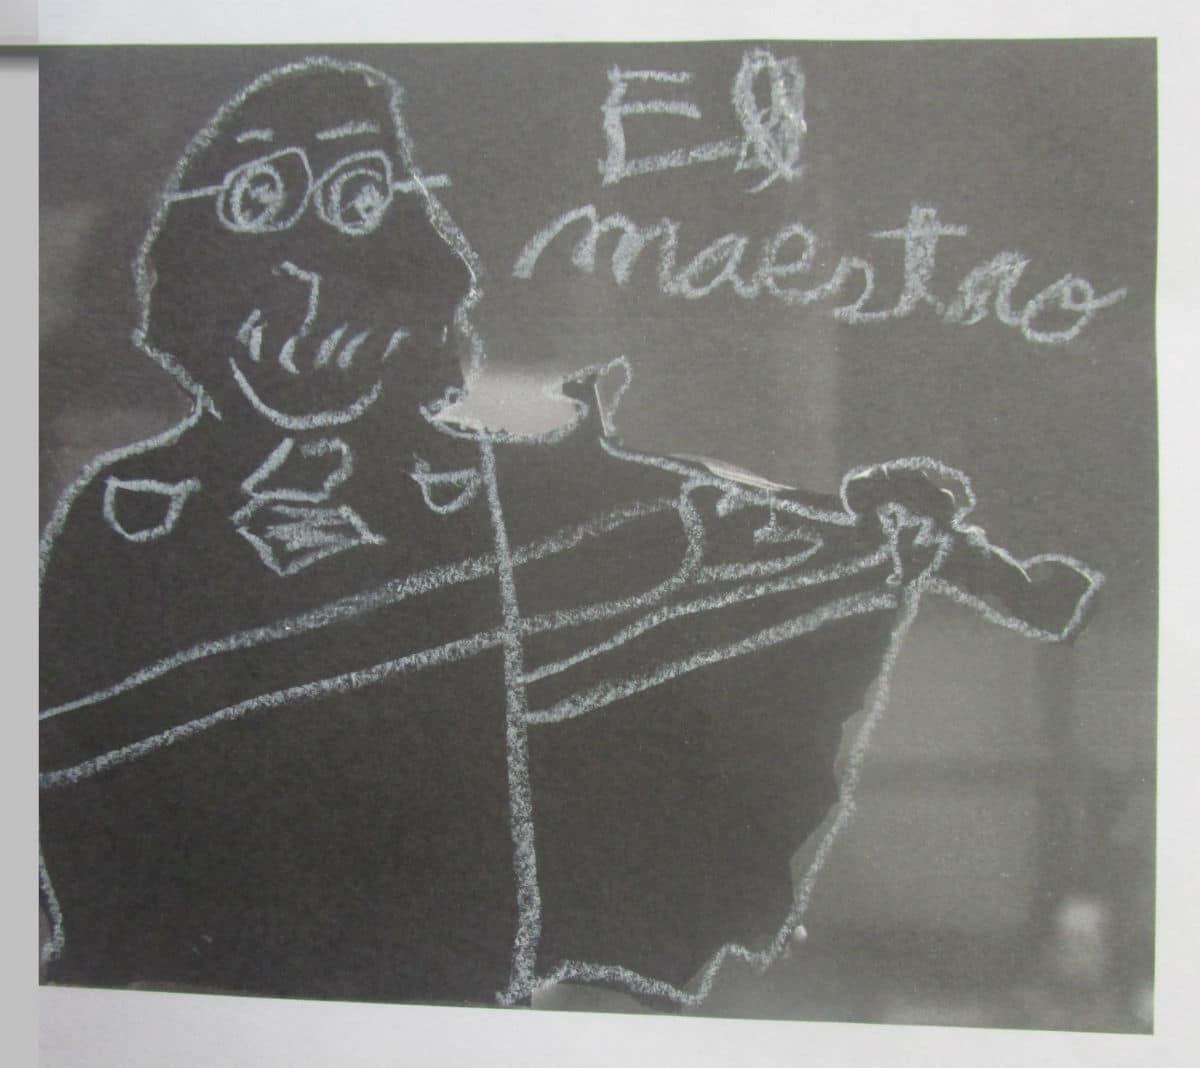 Retrato de Yehudi Menuhin de las alumnas y alumnos del CEIP Ortiz Echagüe de Getafe para la campaña Violines por la Paz